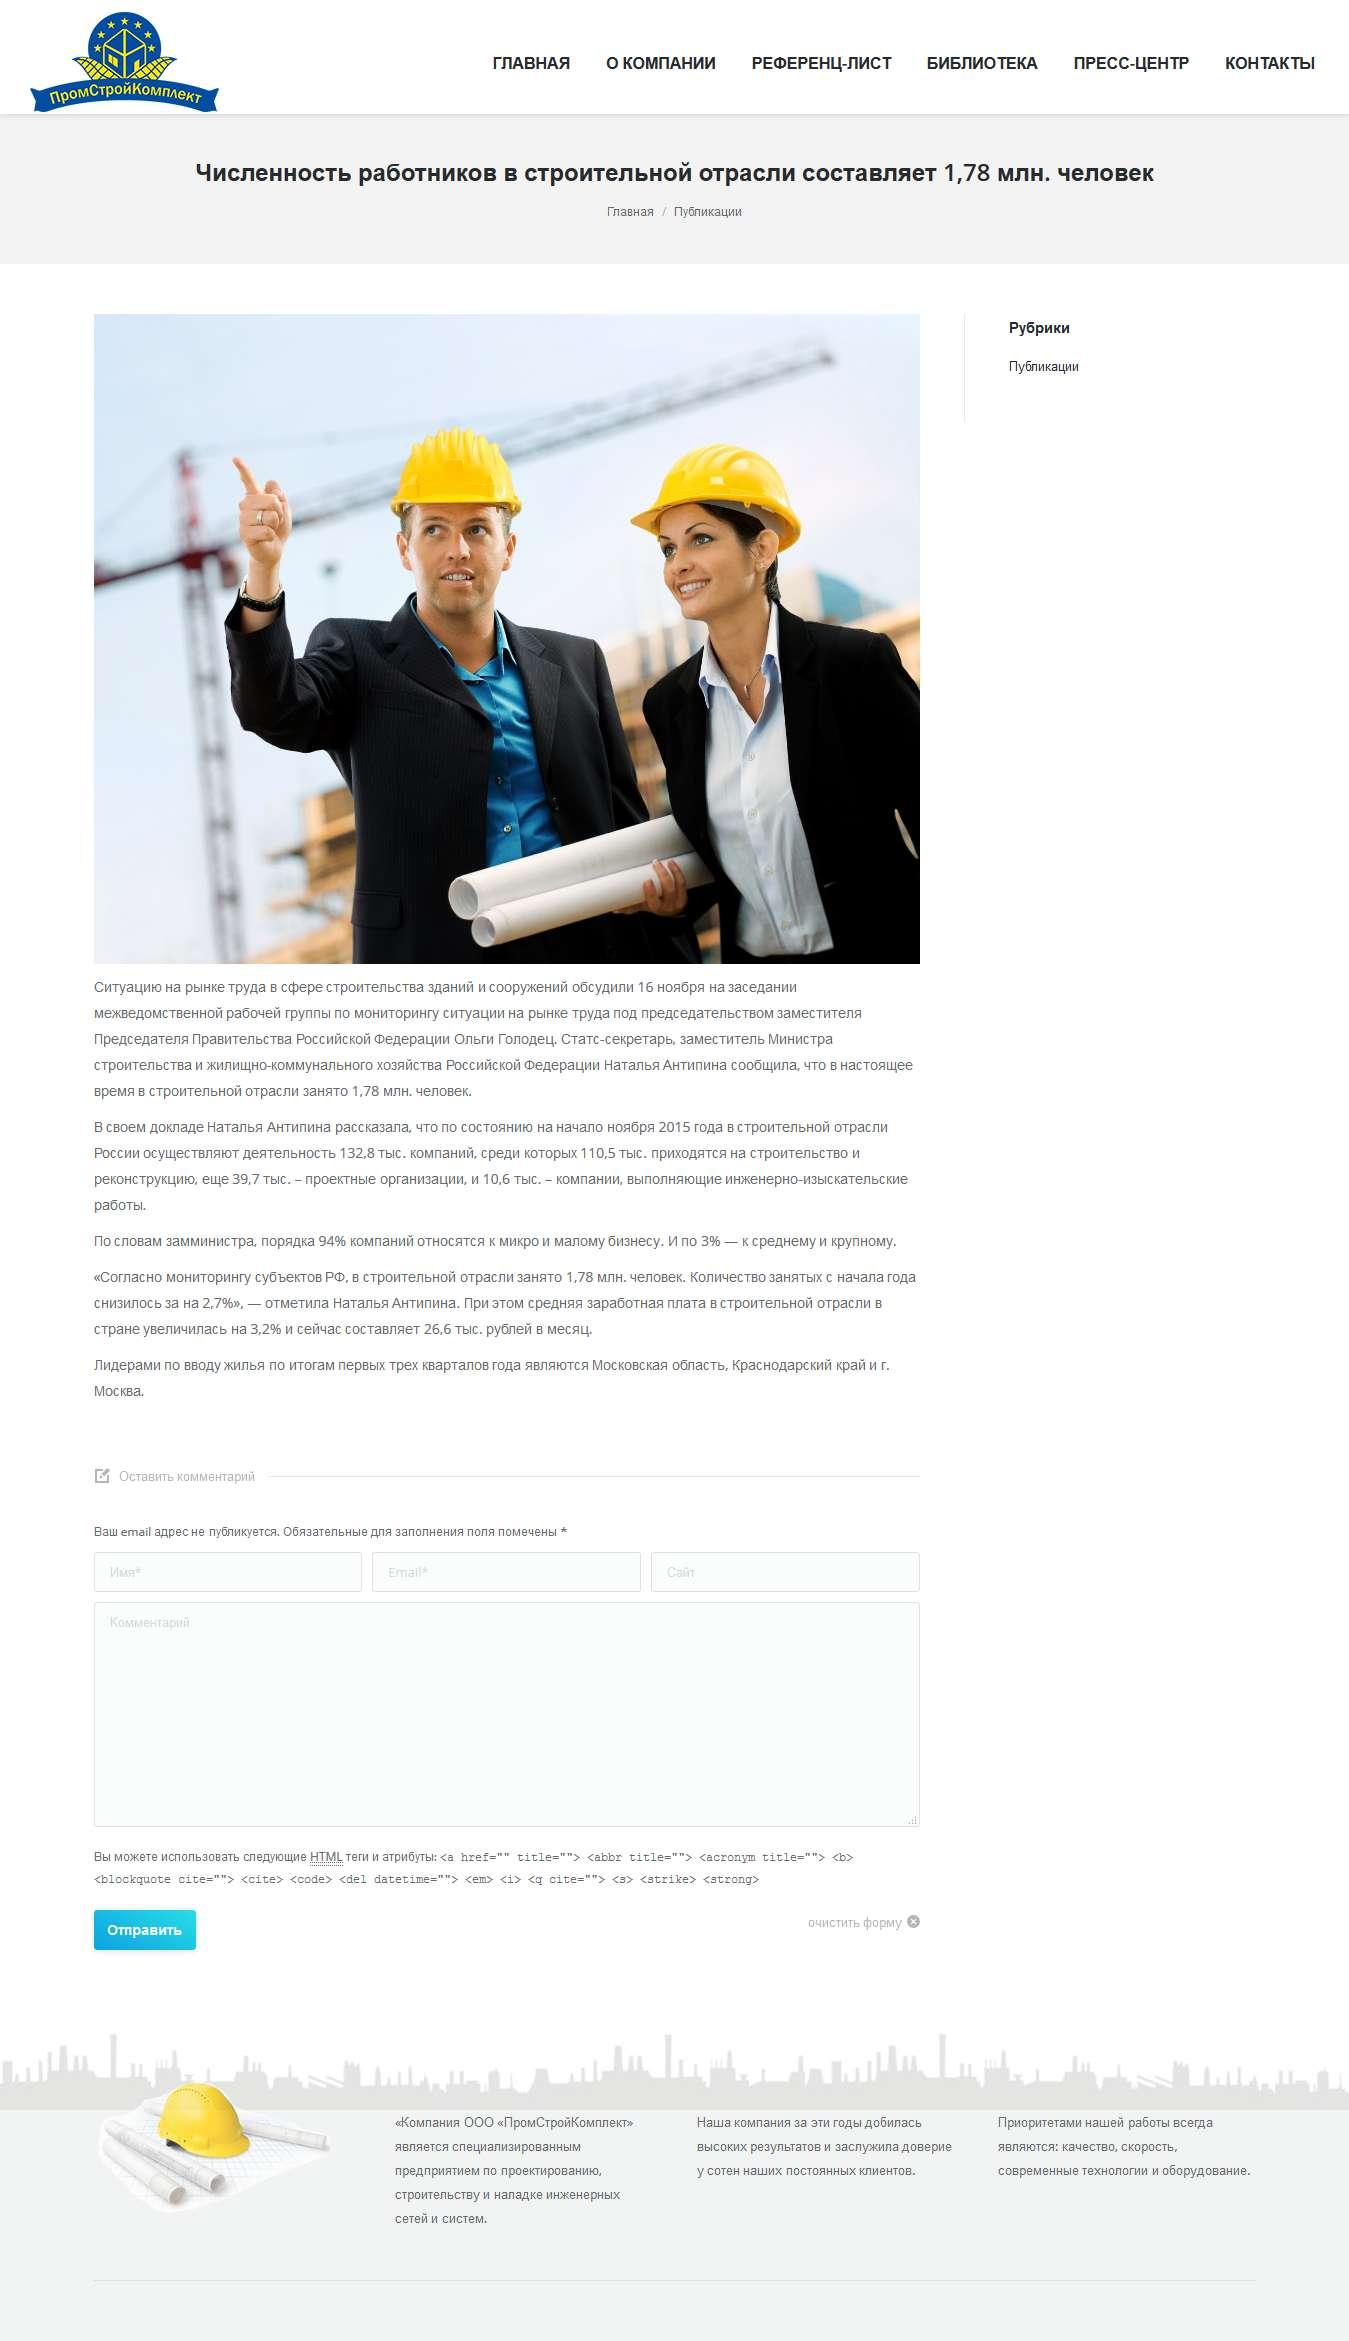 Пример сайта визитки - проектирование и строительство - пример отдельной записи в новостях